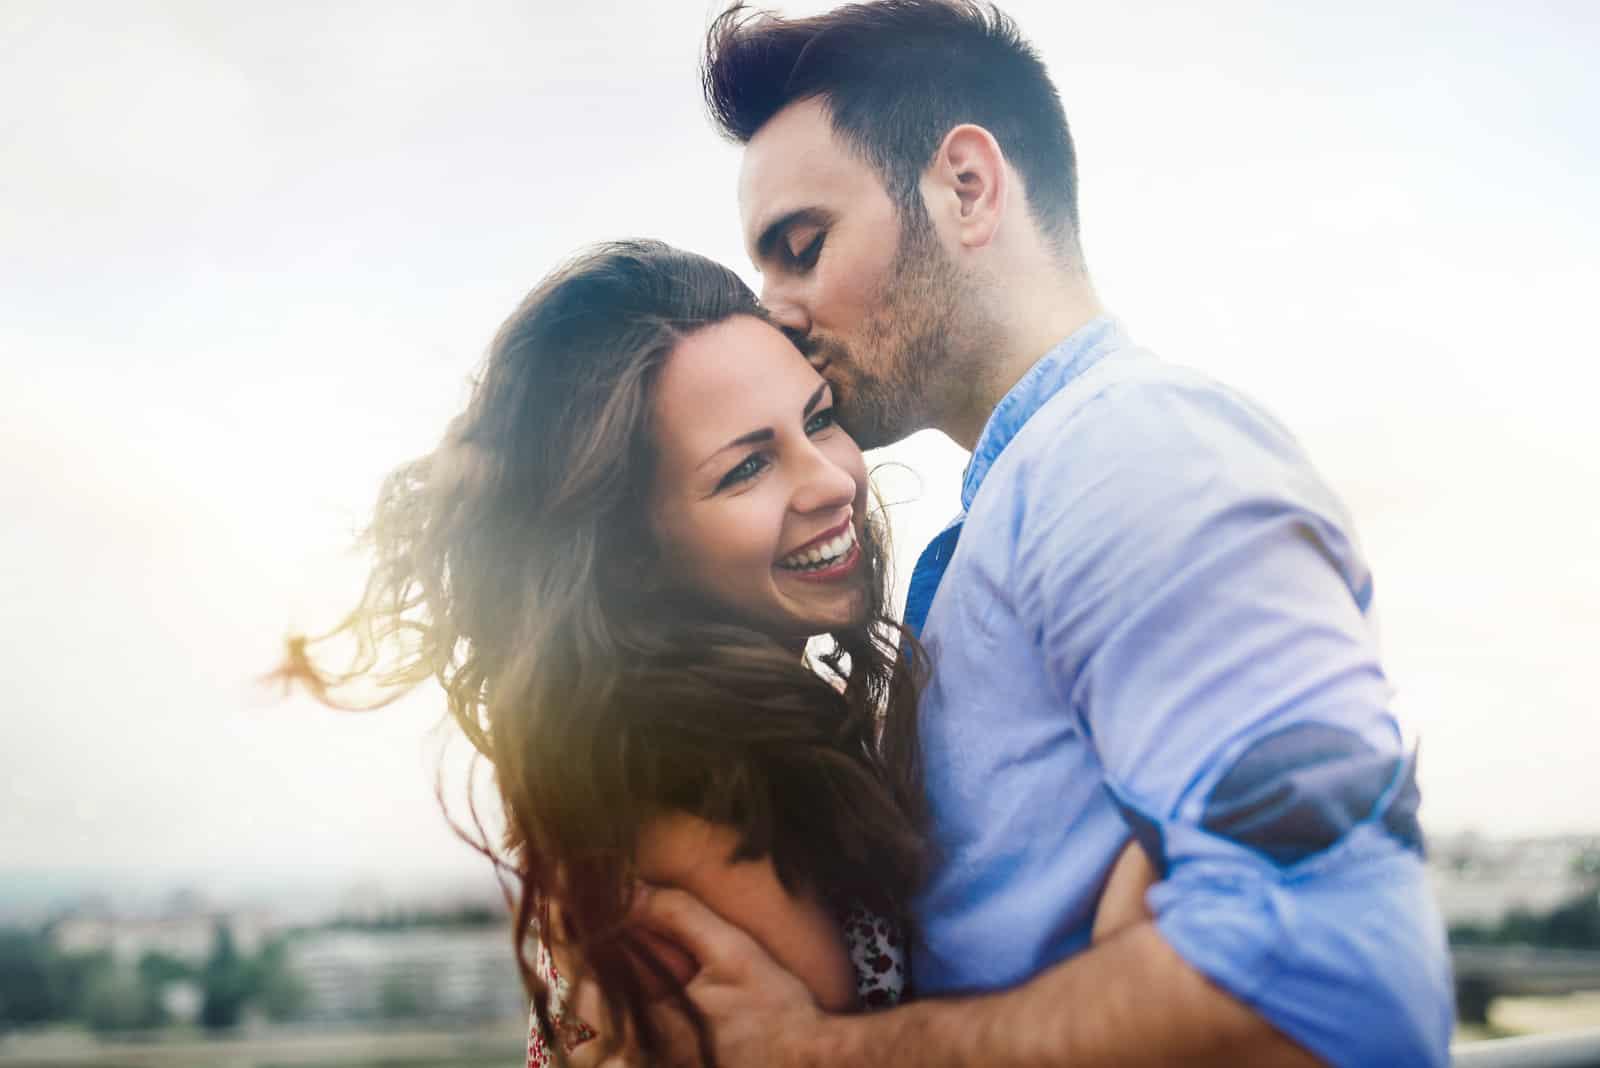 l'homme embrasse la femme et l'embrasse sur le front